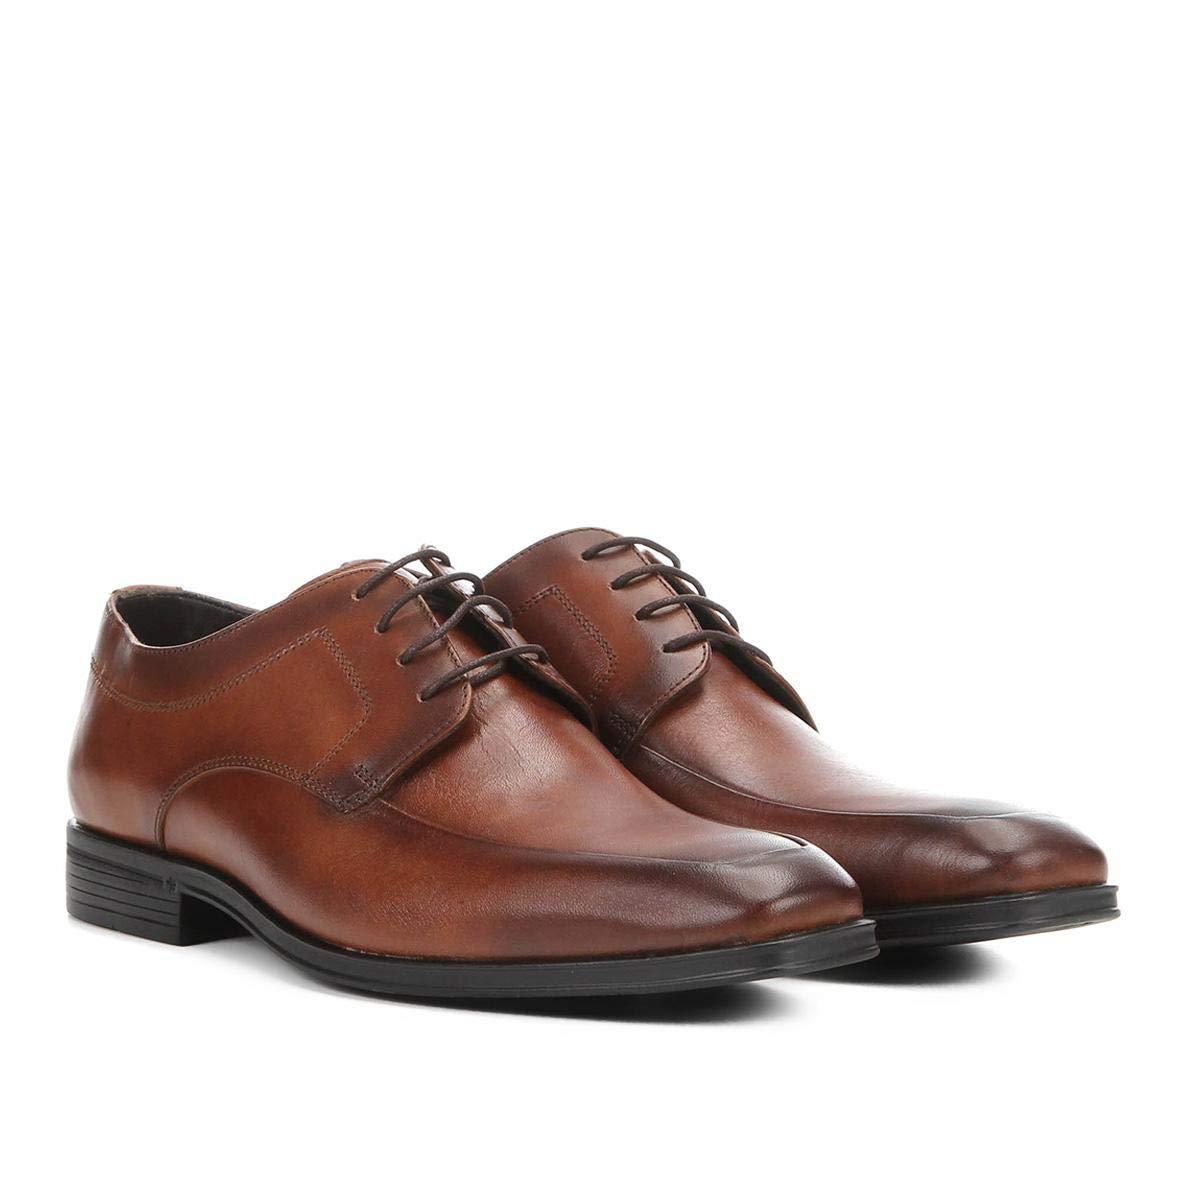 4f914bb3fd Sapato Social Couro Shoestock Cadarço Masculino - Marrom - 39   Amazon.com.br  Amazon Moda